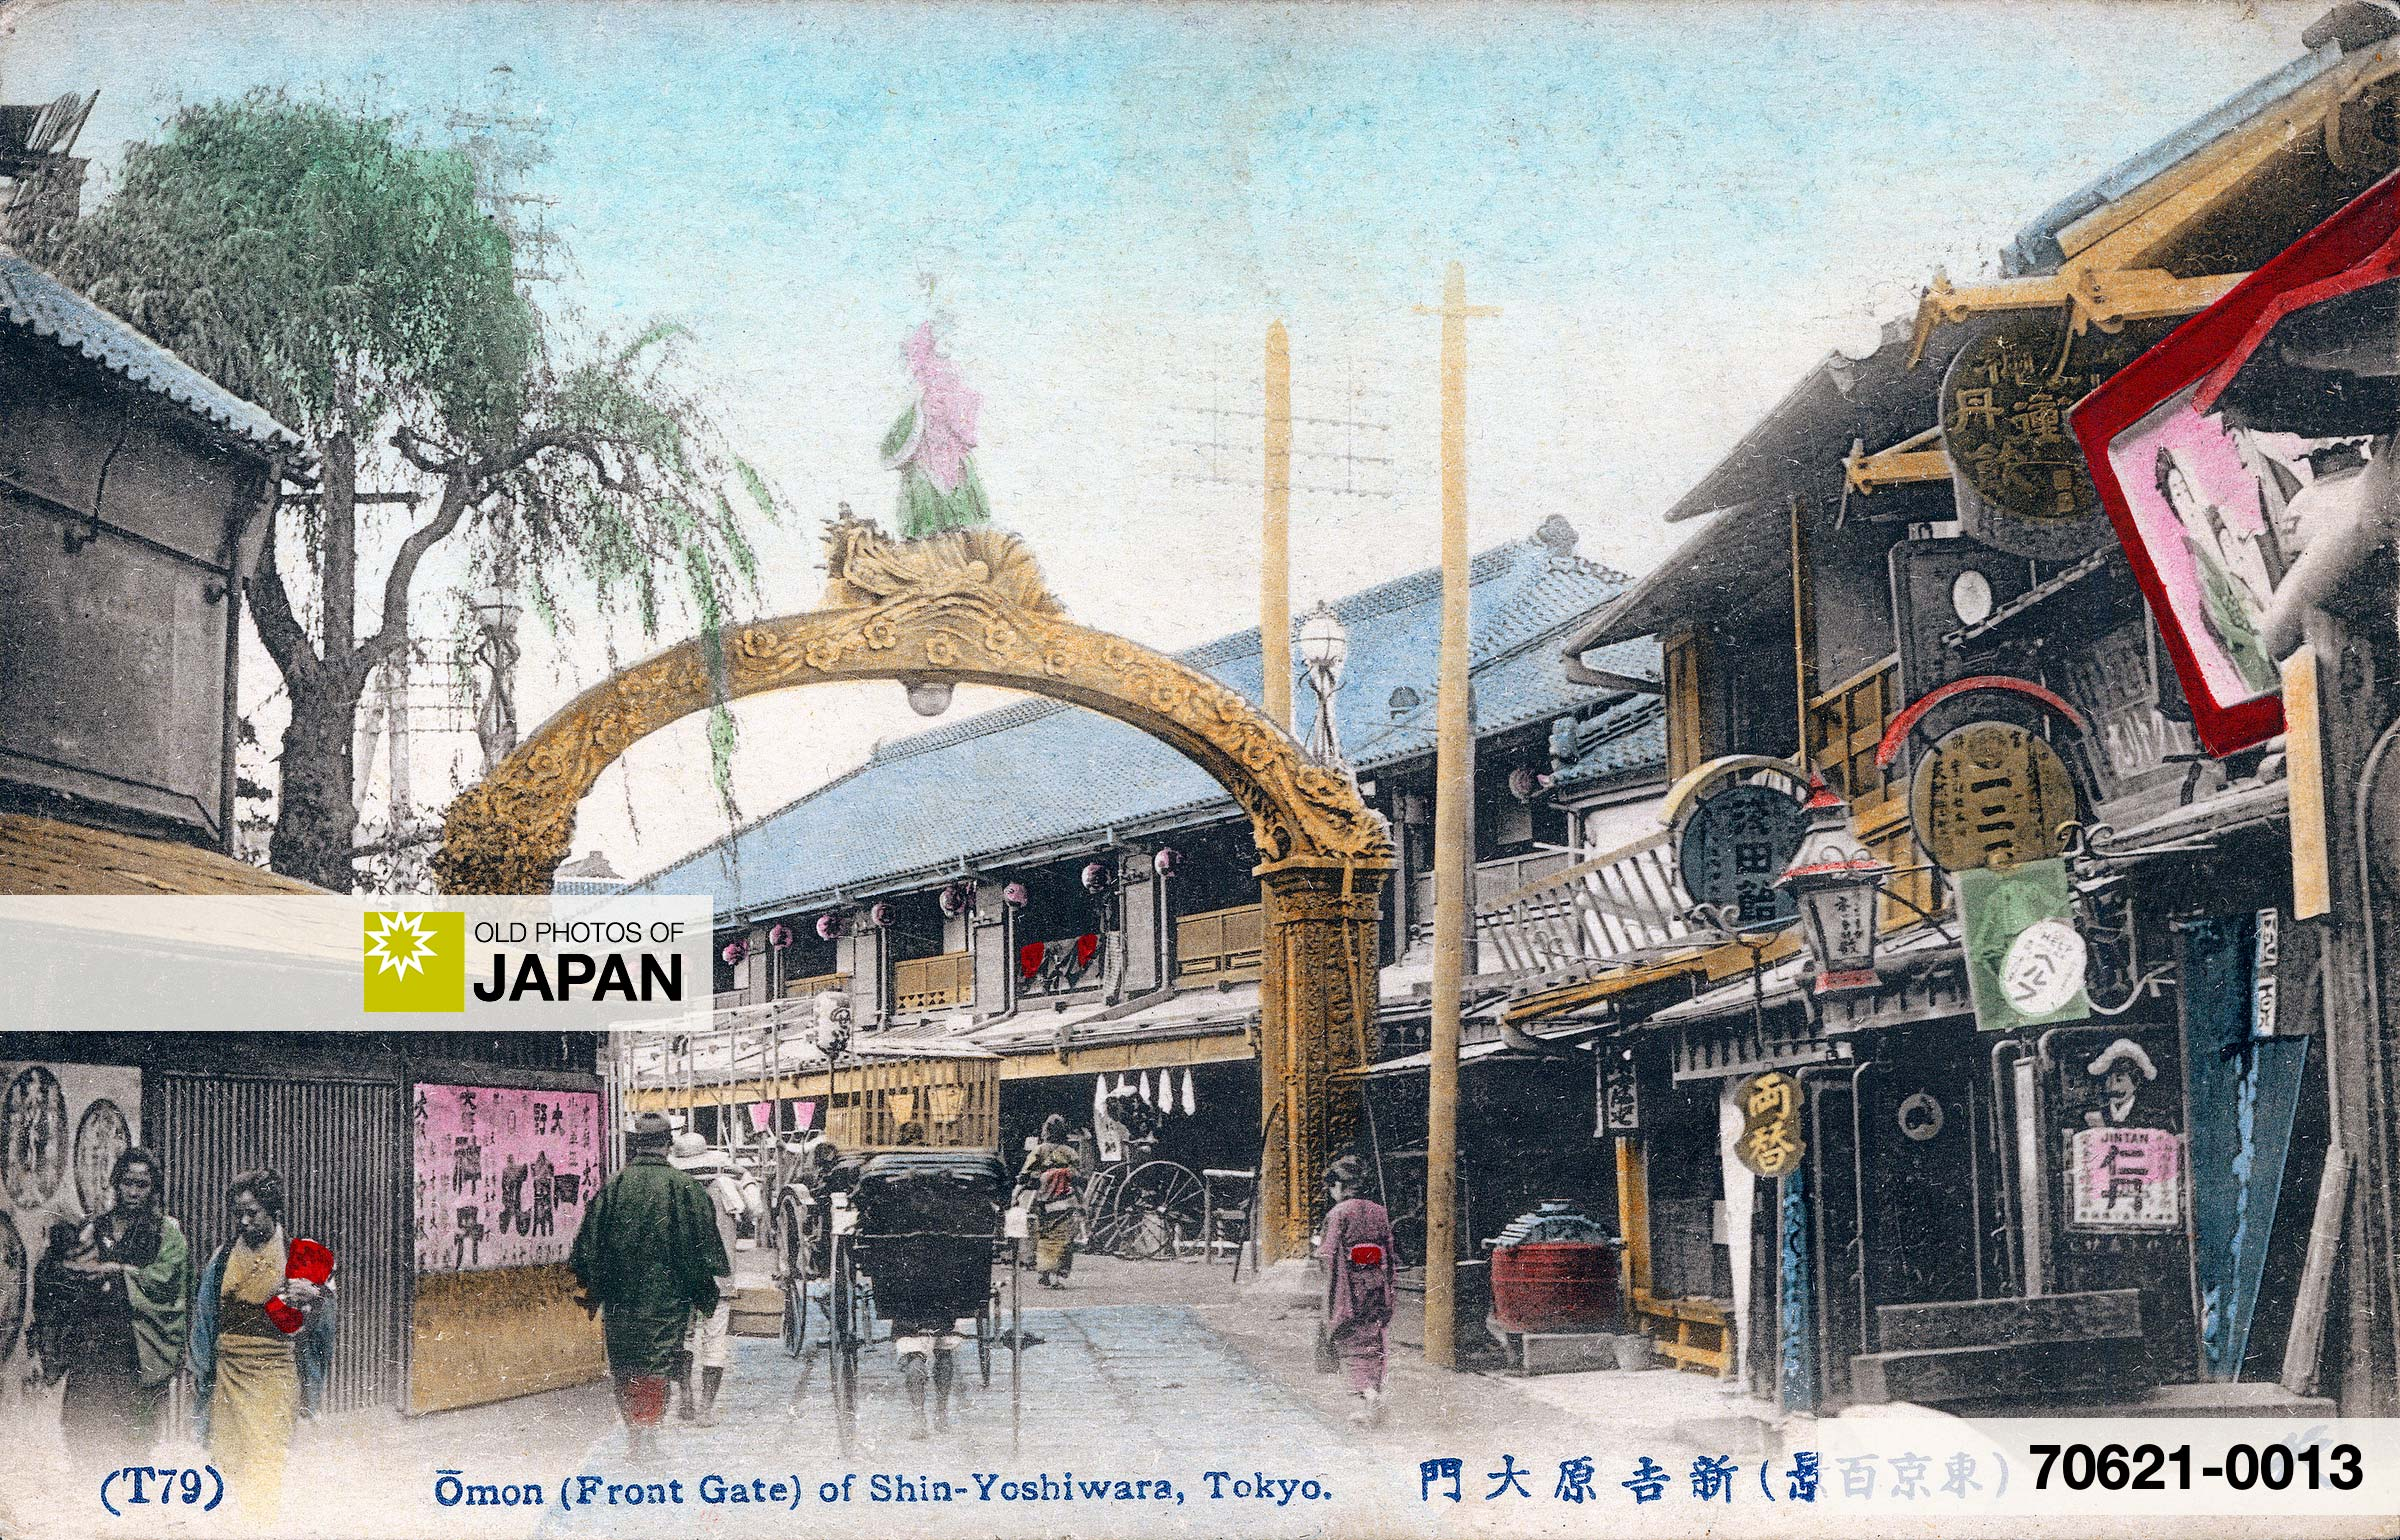 Omon (Front Gate), Yoshiwara Brothel District, Tokyo